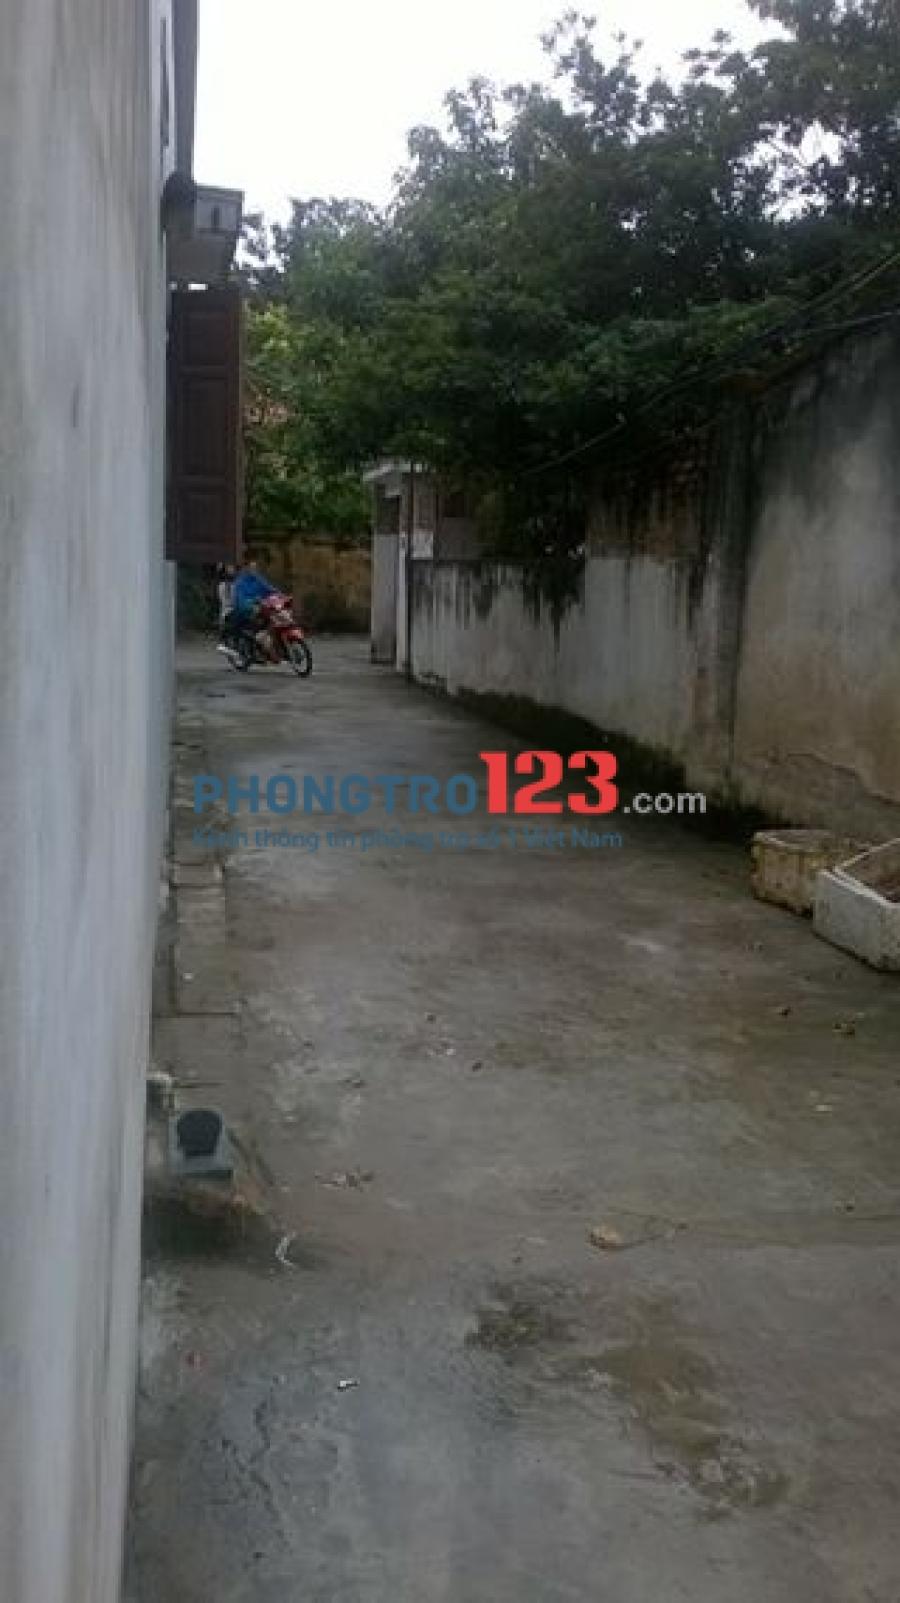 Cho thuê phòng trọ gần sân bay Nội Bài tại Đồng Quốc, Phú Minh, Sóc Sơn